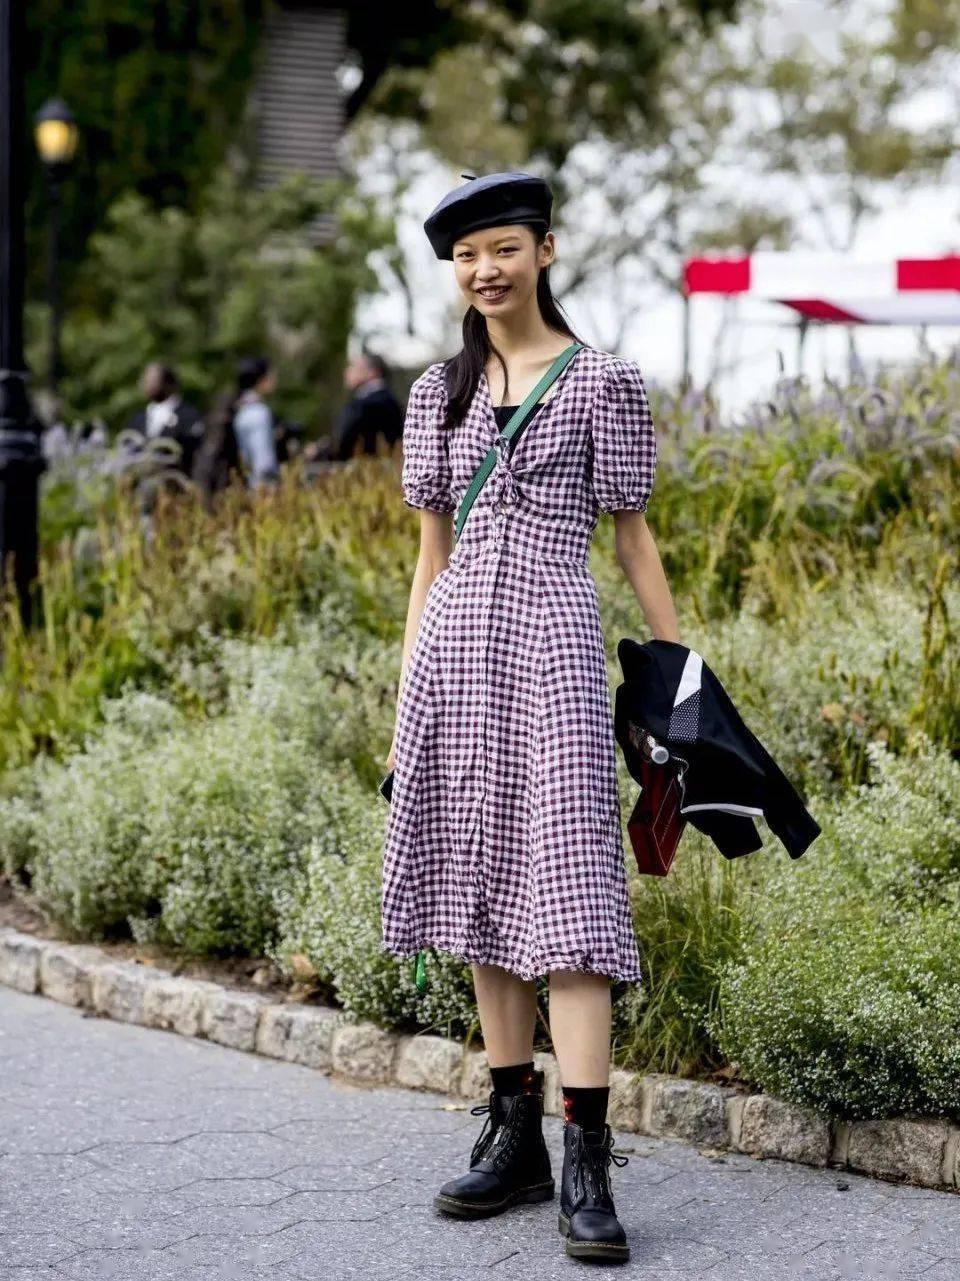 马丁靴+裙子,马丁靴+工装裤……又酷又撩,时髦炸了!     第14张